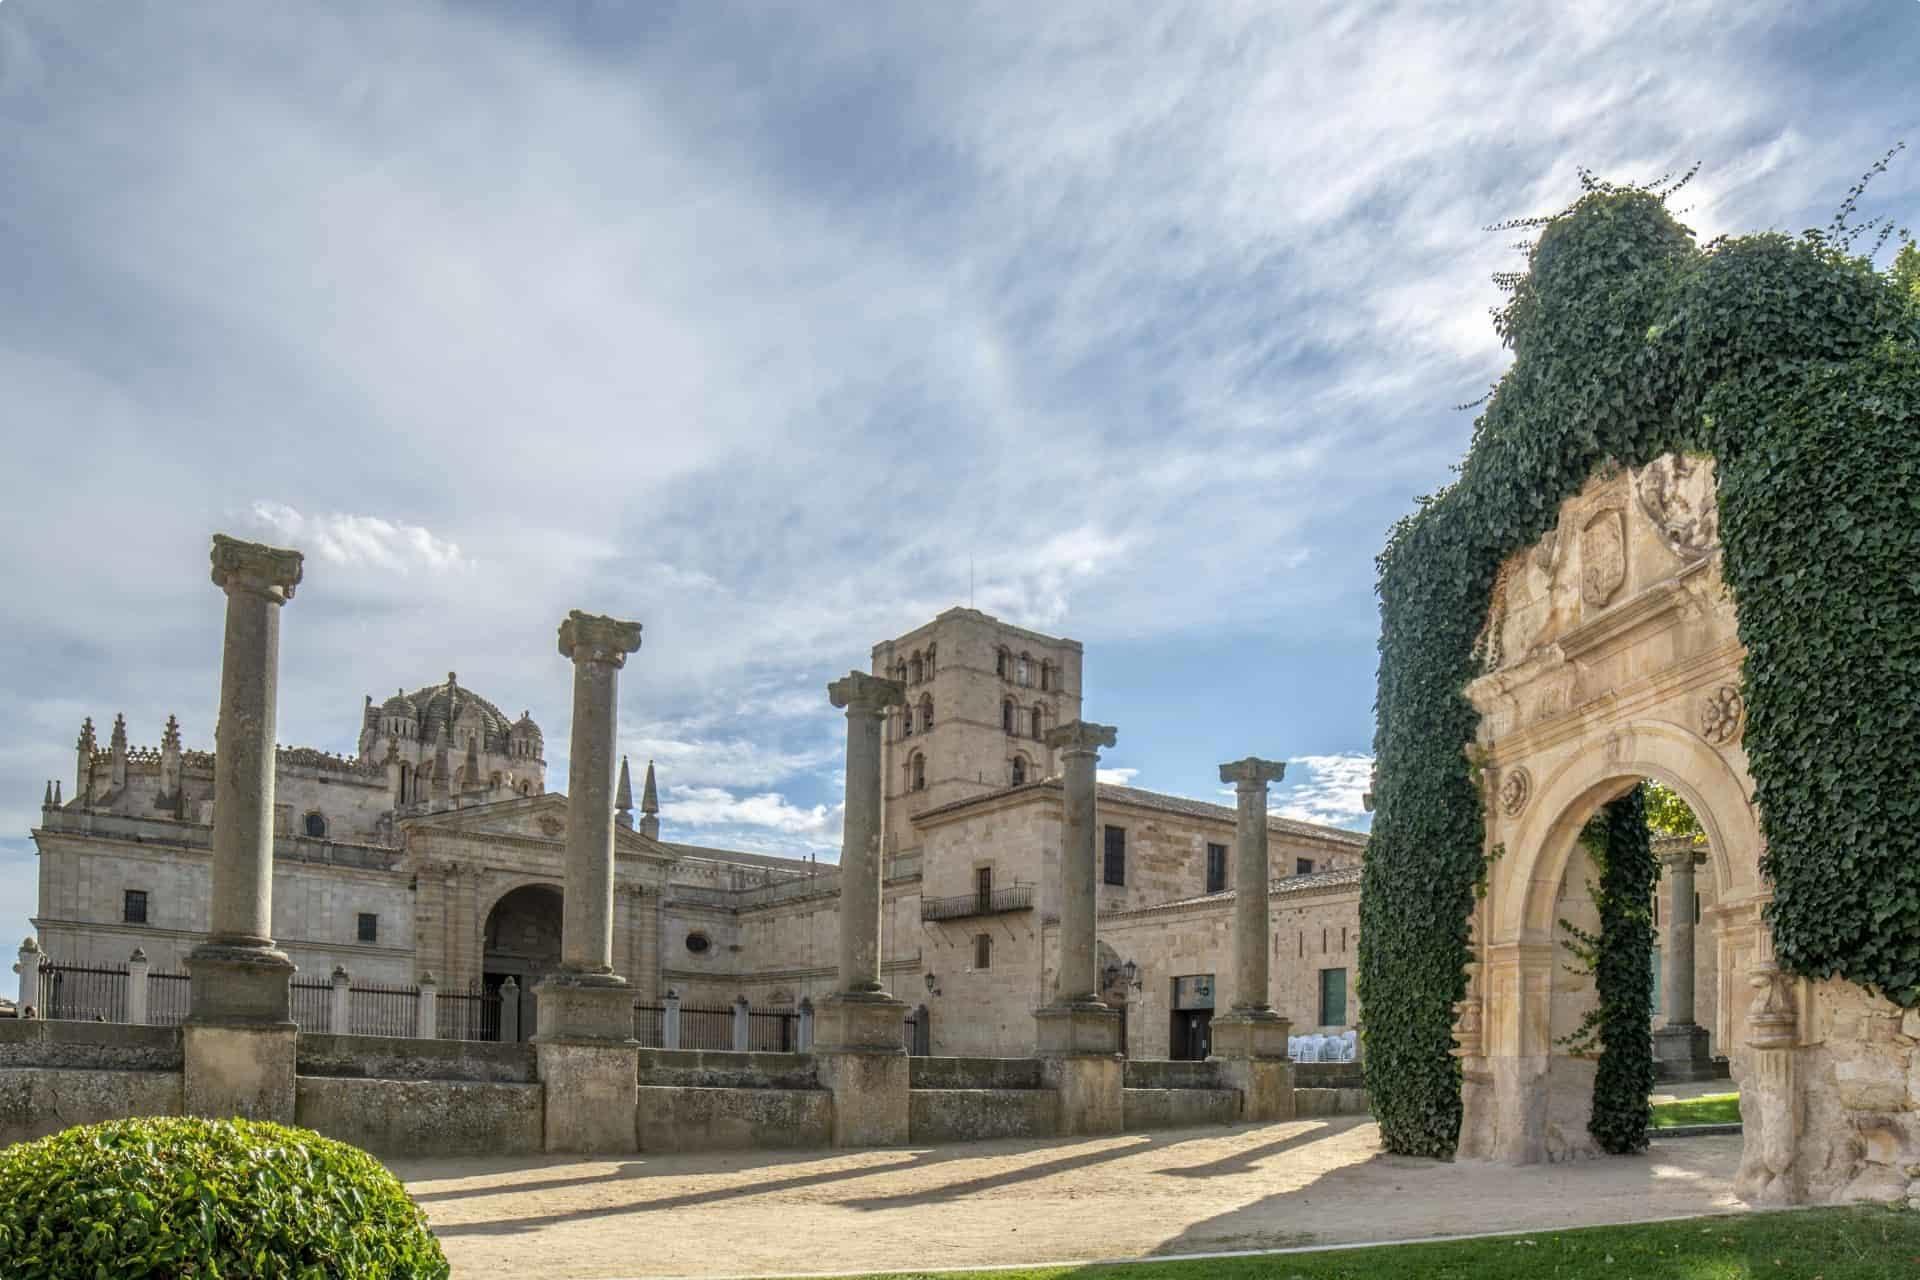 Cathedral in Zamora